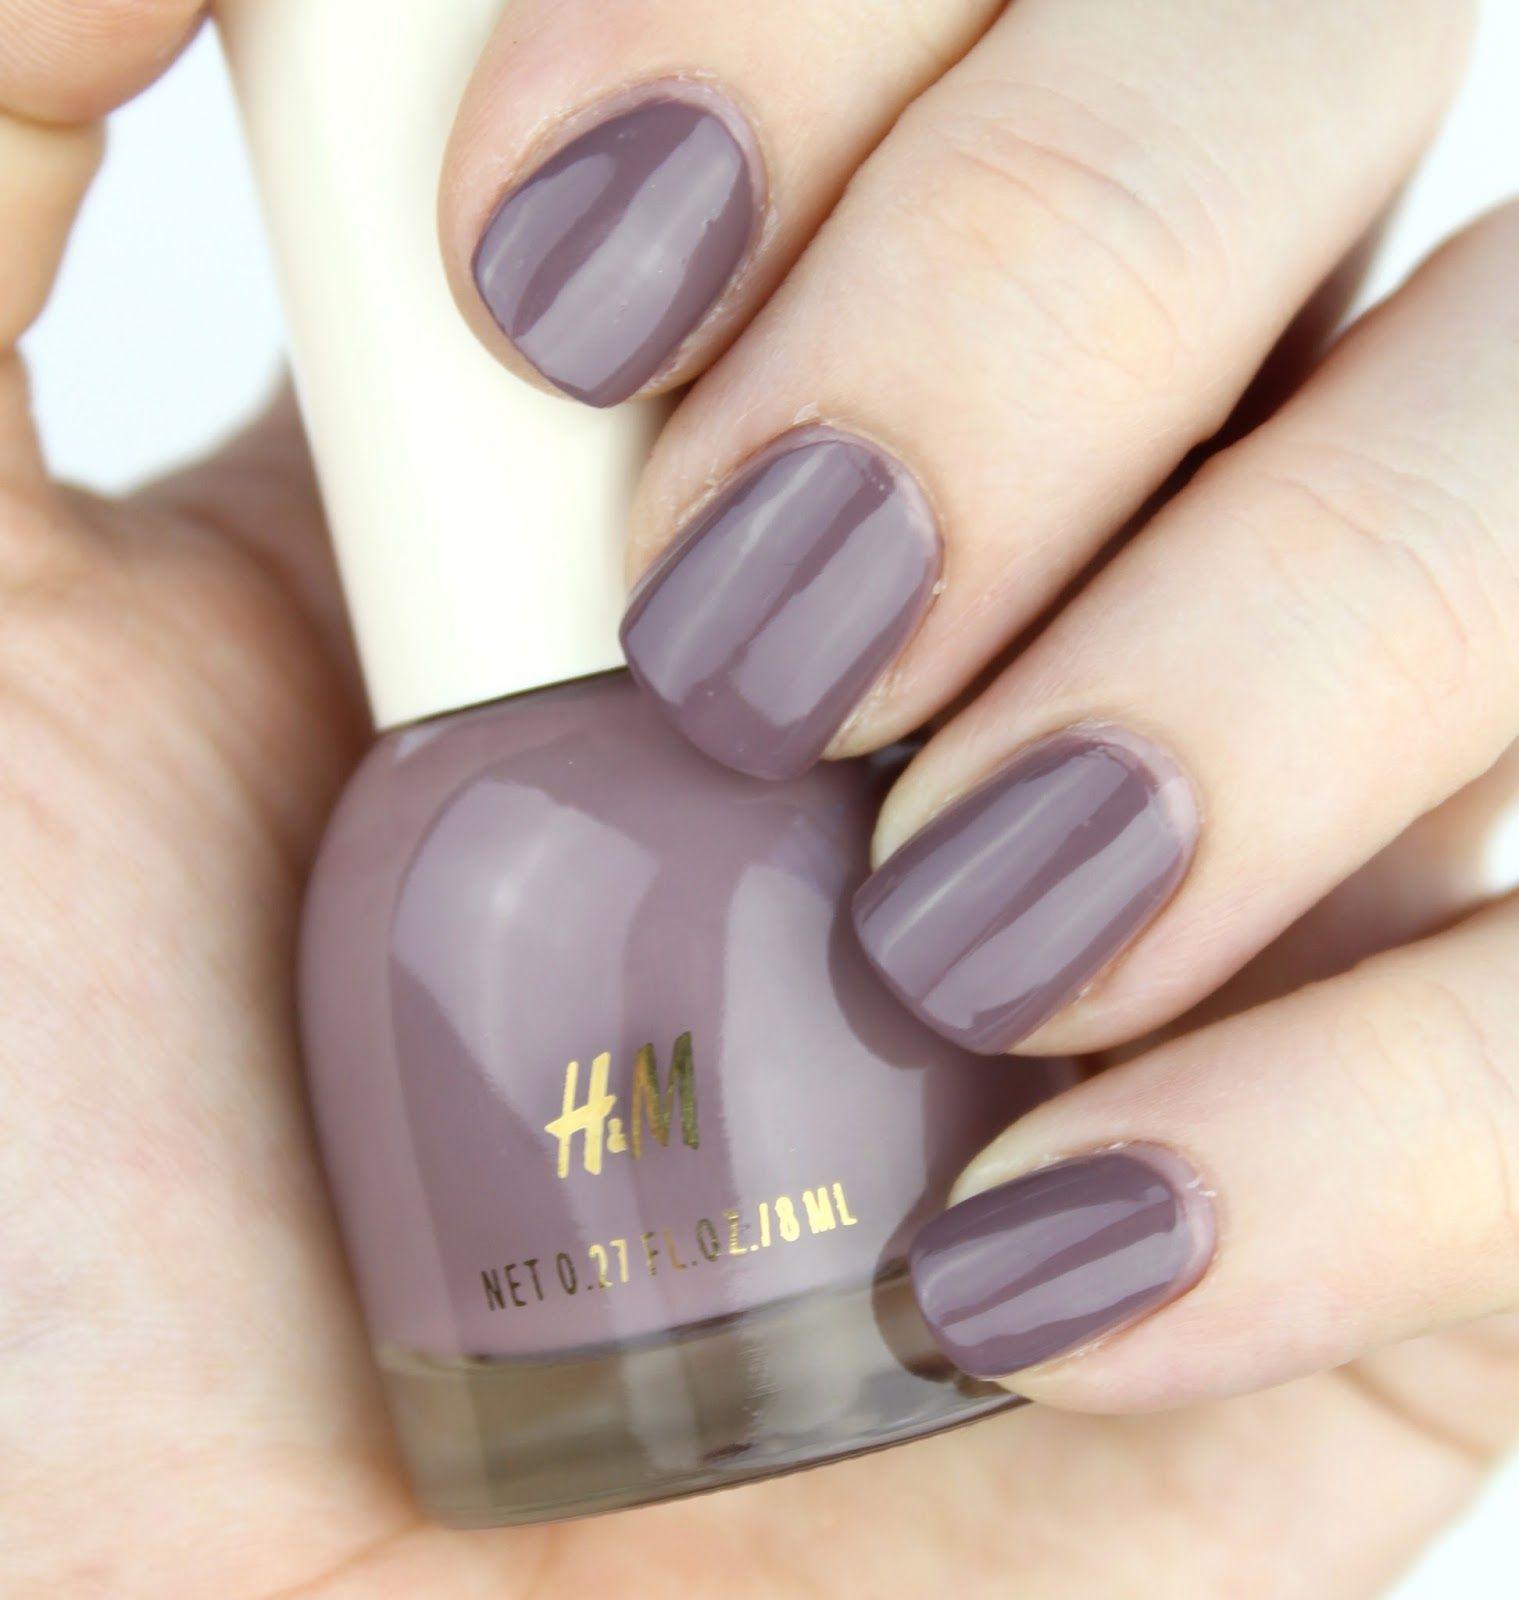 H&M Nail Polishes